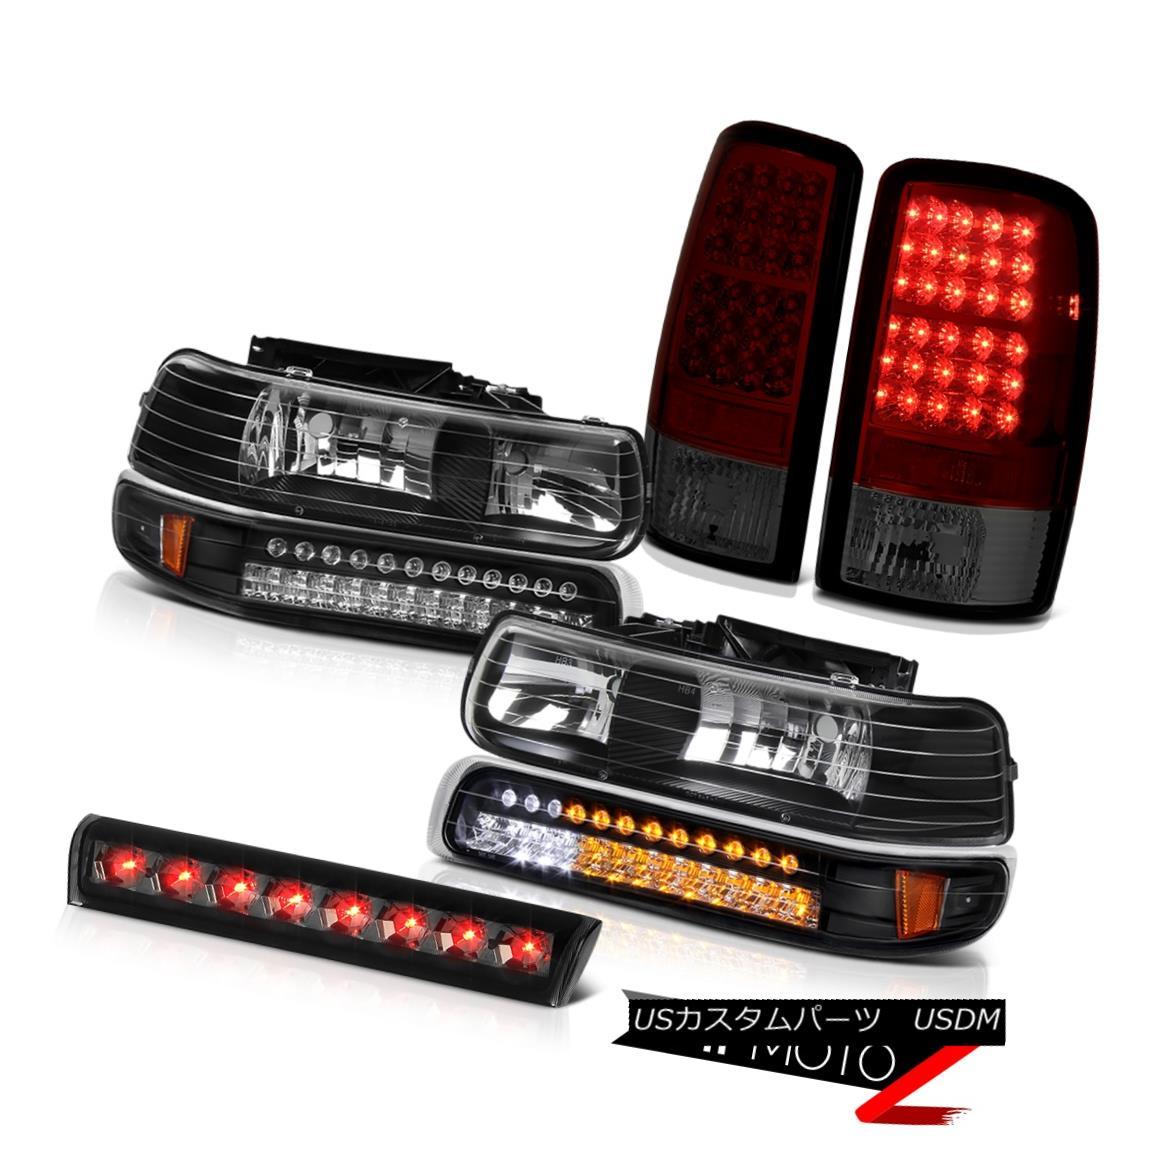 ヘッドライト 00-06 Tahoe 4.8L LED Crystal Bumper Headlights Burgundy Taillights Brake Cargo 00-06タホ4.8L LEDクリスタルバンパーヘッドライトバーガンディーティアライトブレーキカーゴ